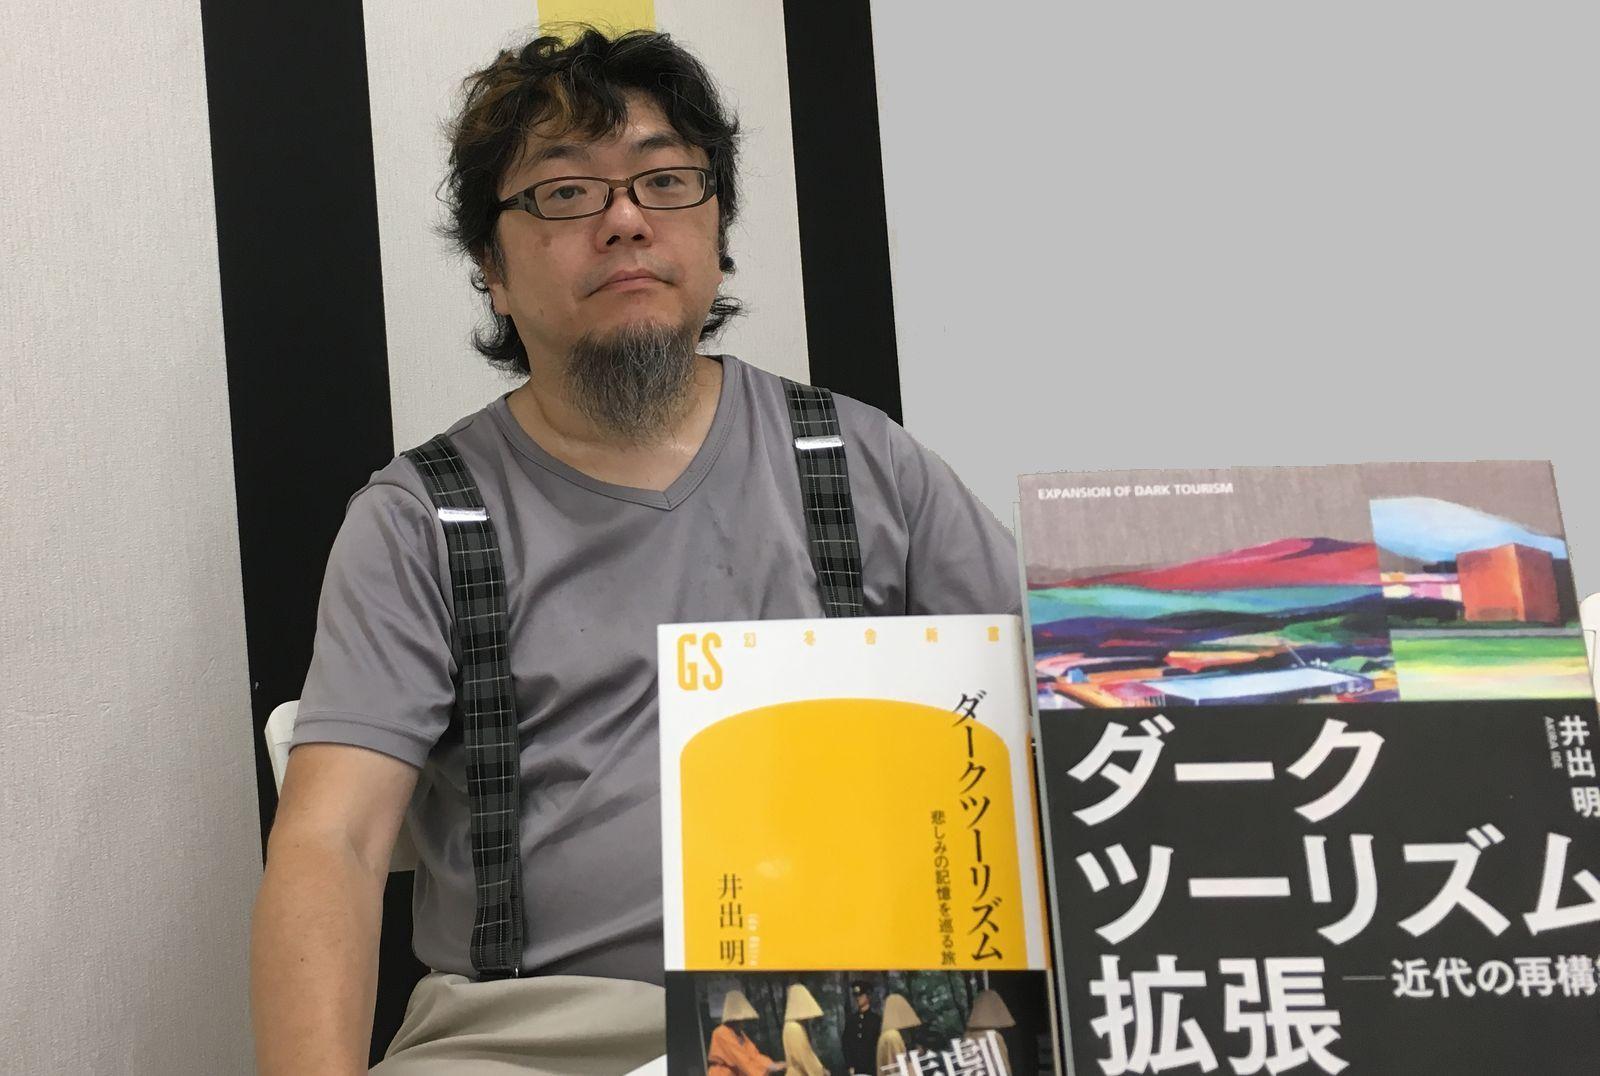 井出明さん『ダークツーリズム 悲しみの記憶を巡る旅』『ダークツーリズム拡張―近代の再構築』インタビュー